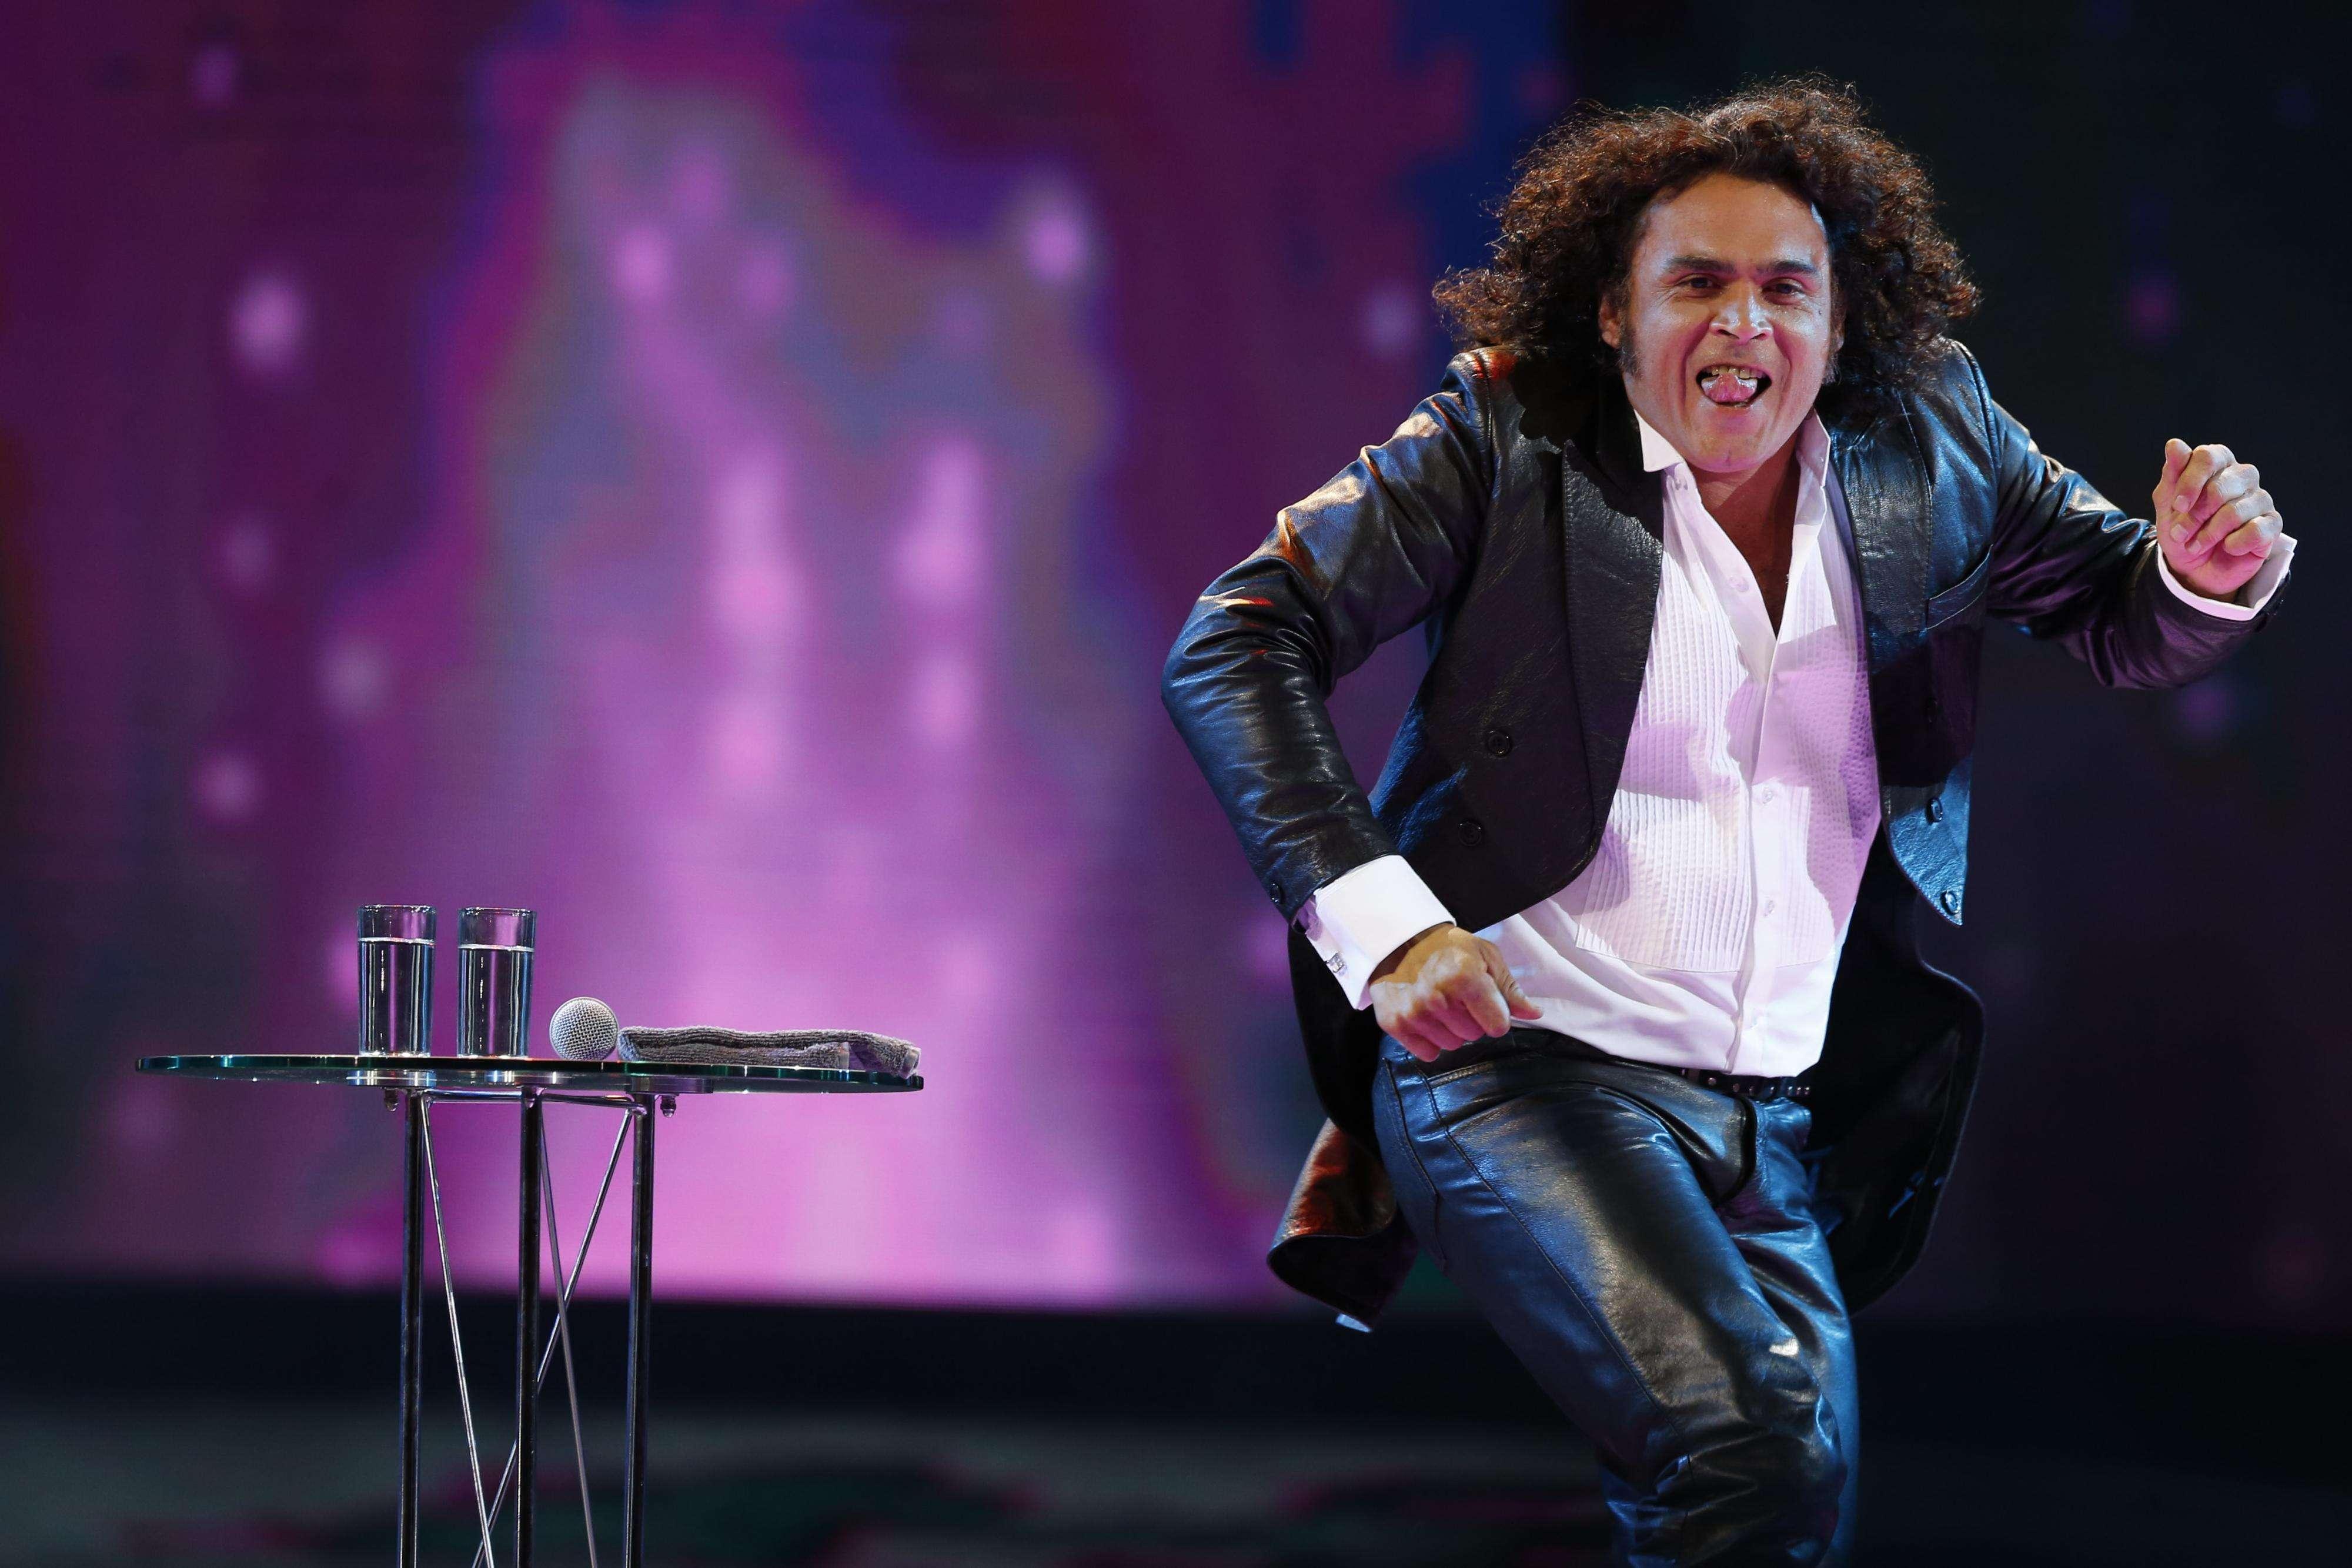 26 de Febrero de 2015: Conferencia de prensa del humorista chileno Arturo Ruiz Tagle en Viña 2015. Foto: Agencia UNO